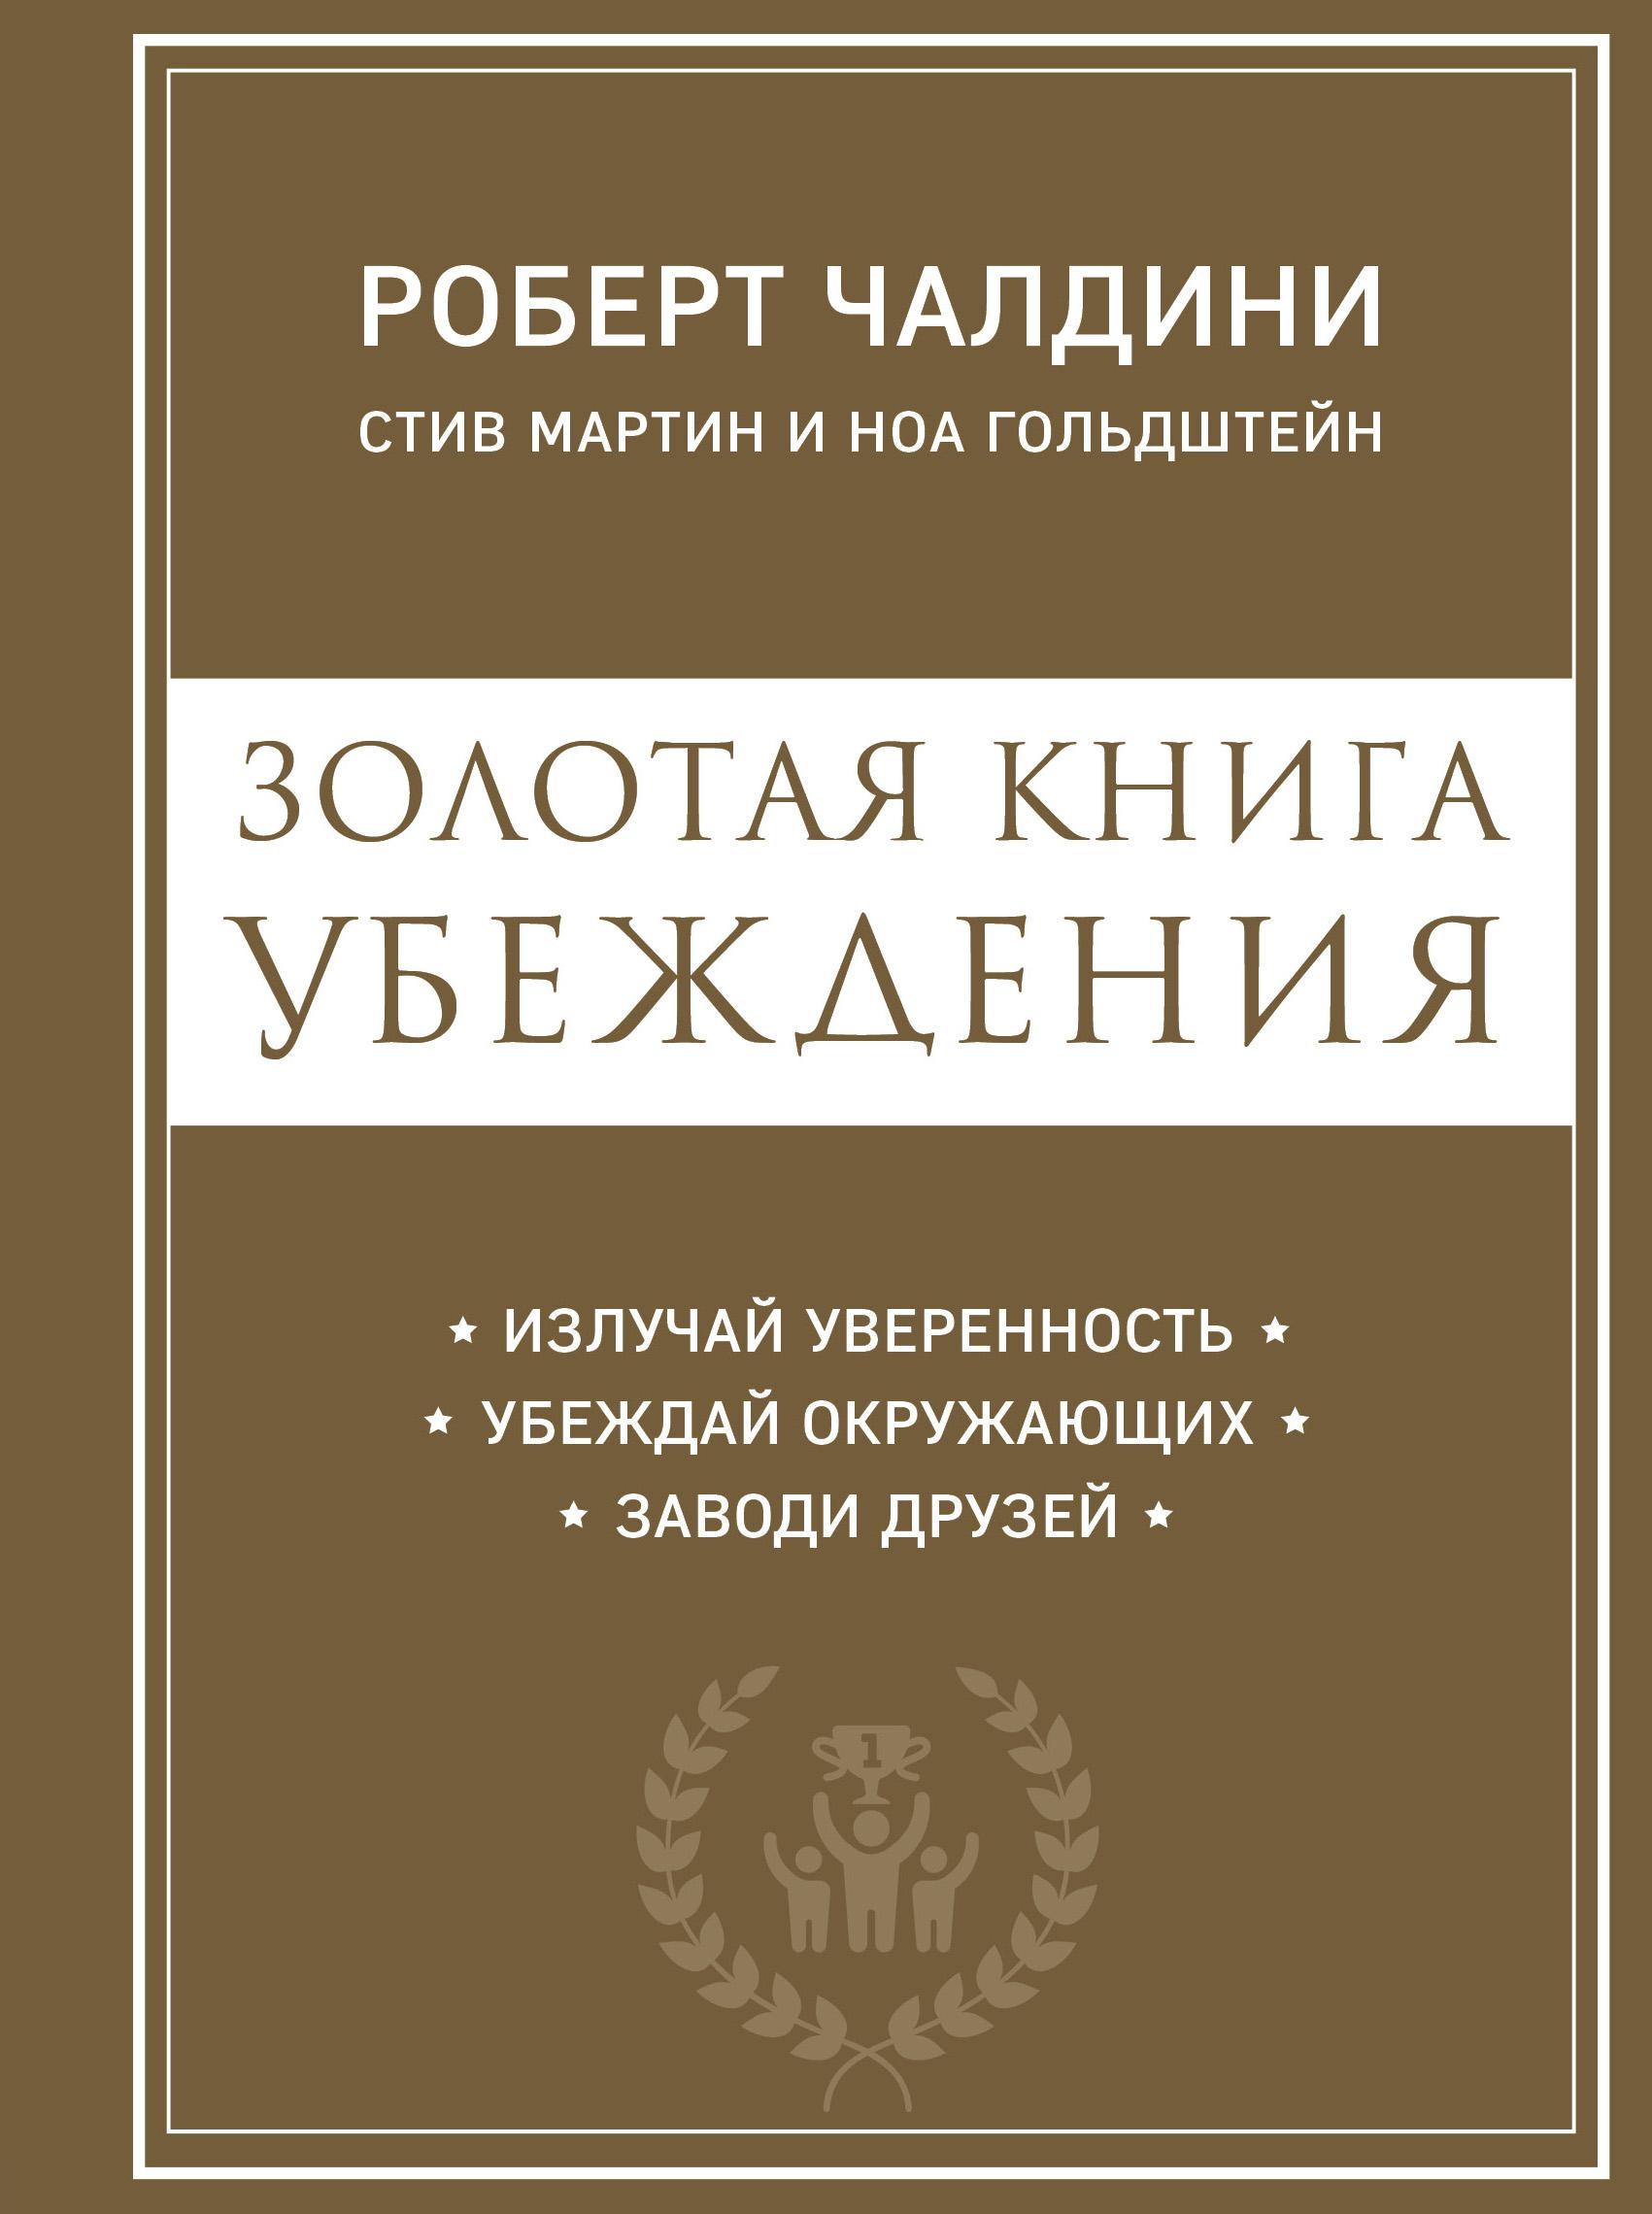 Ноа Гольдштейн, Роберт Чалдини, Стив Мартин «Золотая книга убеждения. Излучай уверенность, убеждай окружающих, заводи друзей»